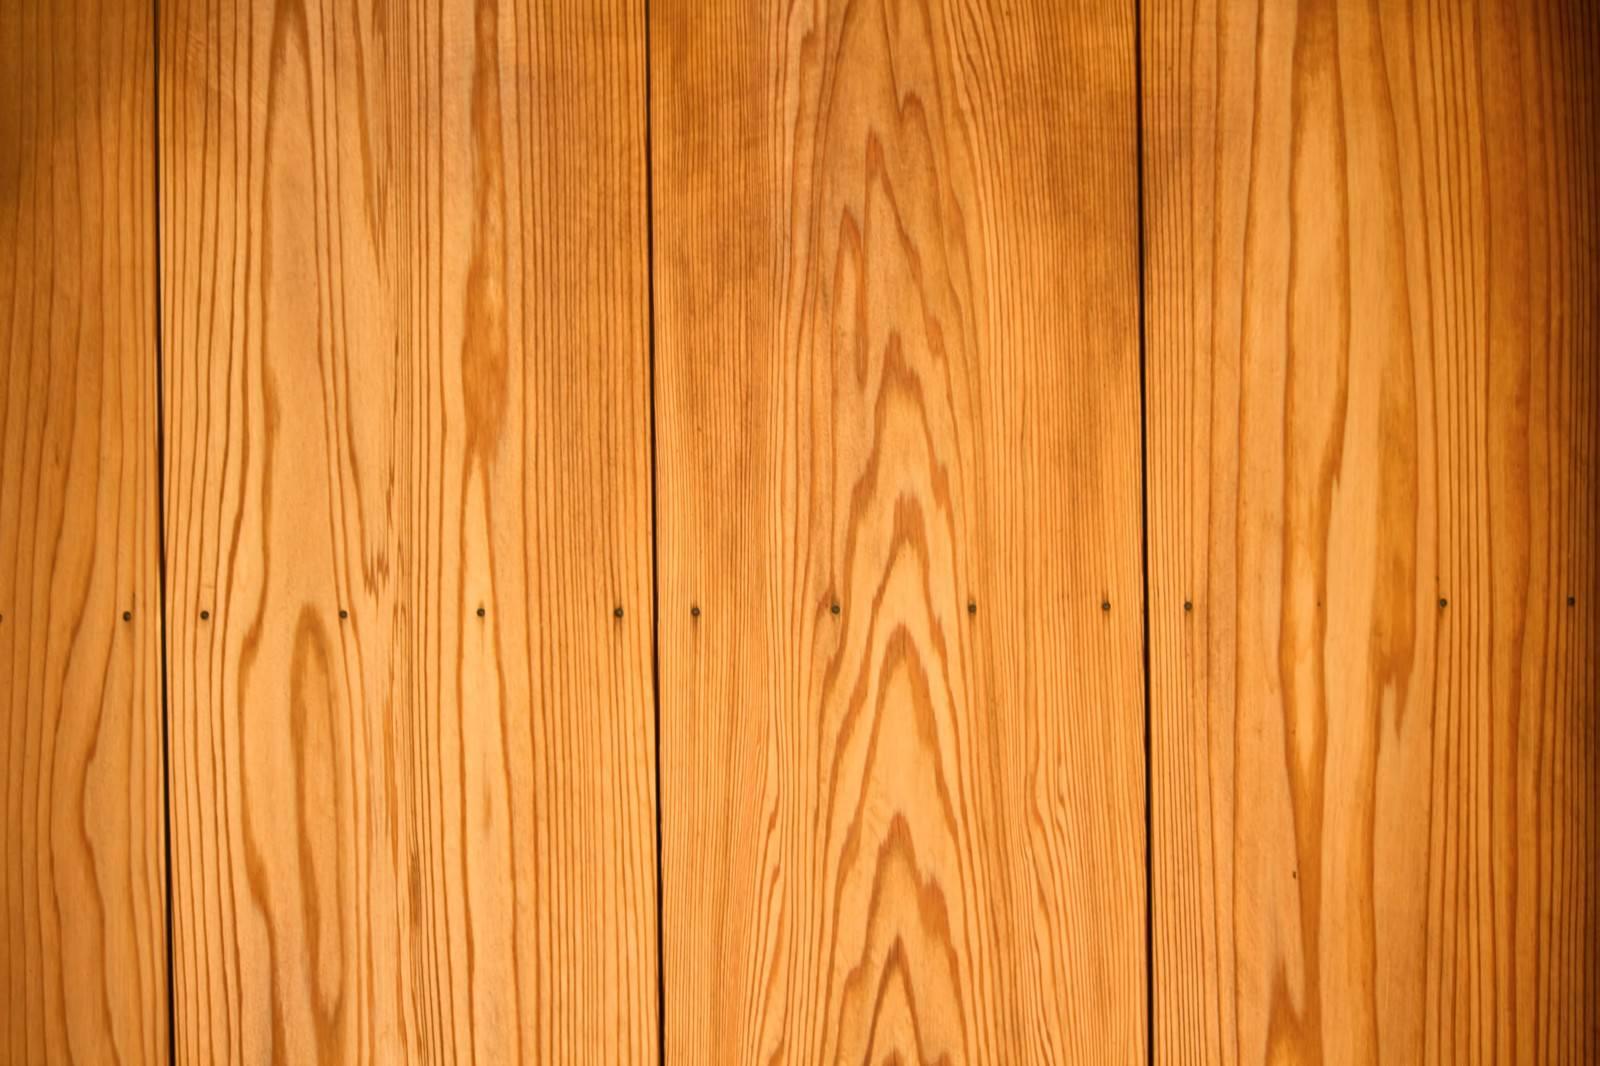 「木目の板」の写真